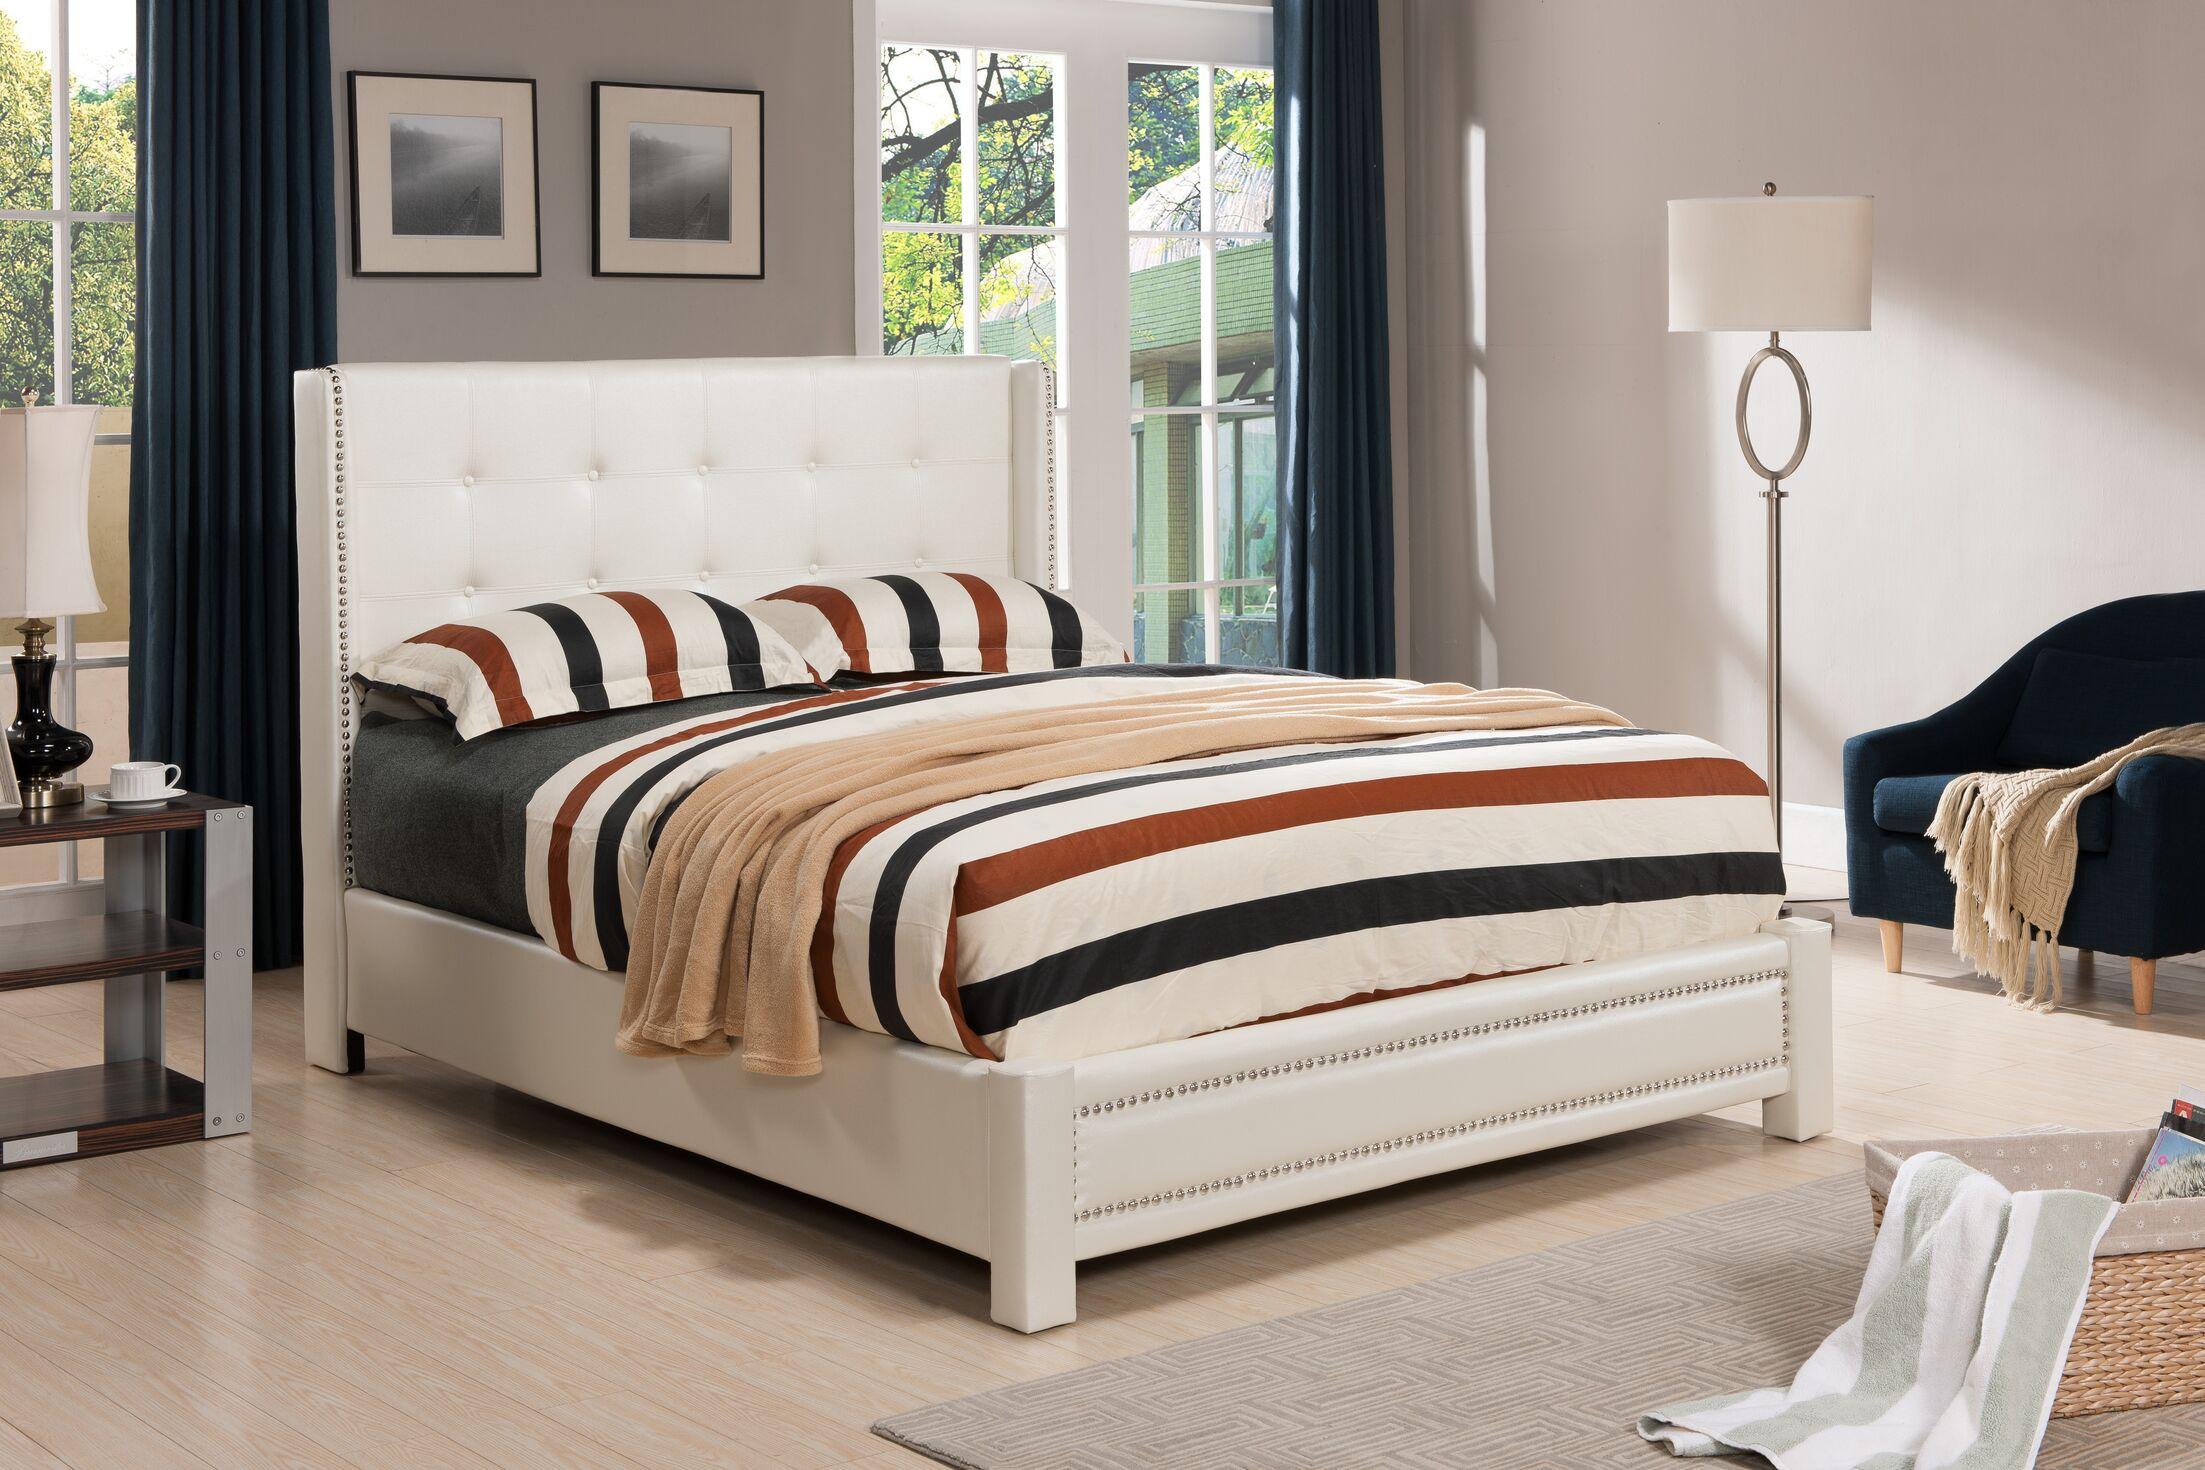 Upholstered Platform Bed Color: Ivory, Size: King